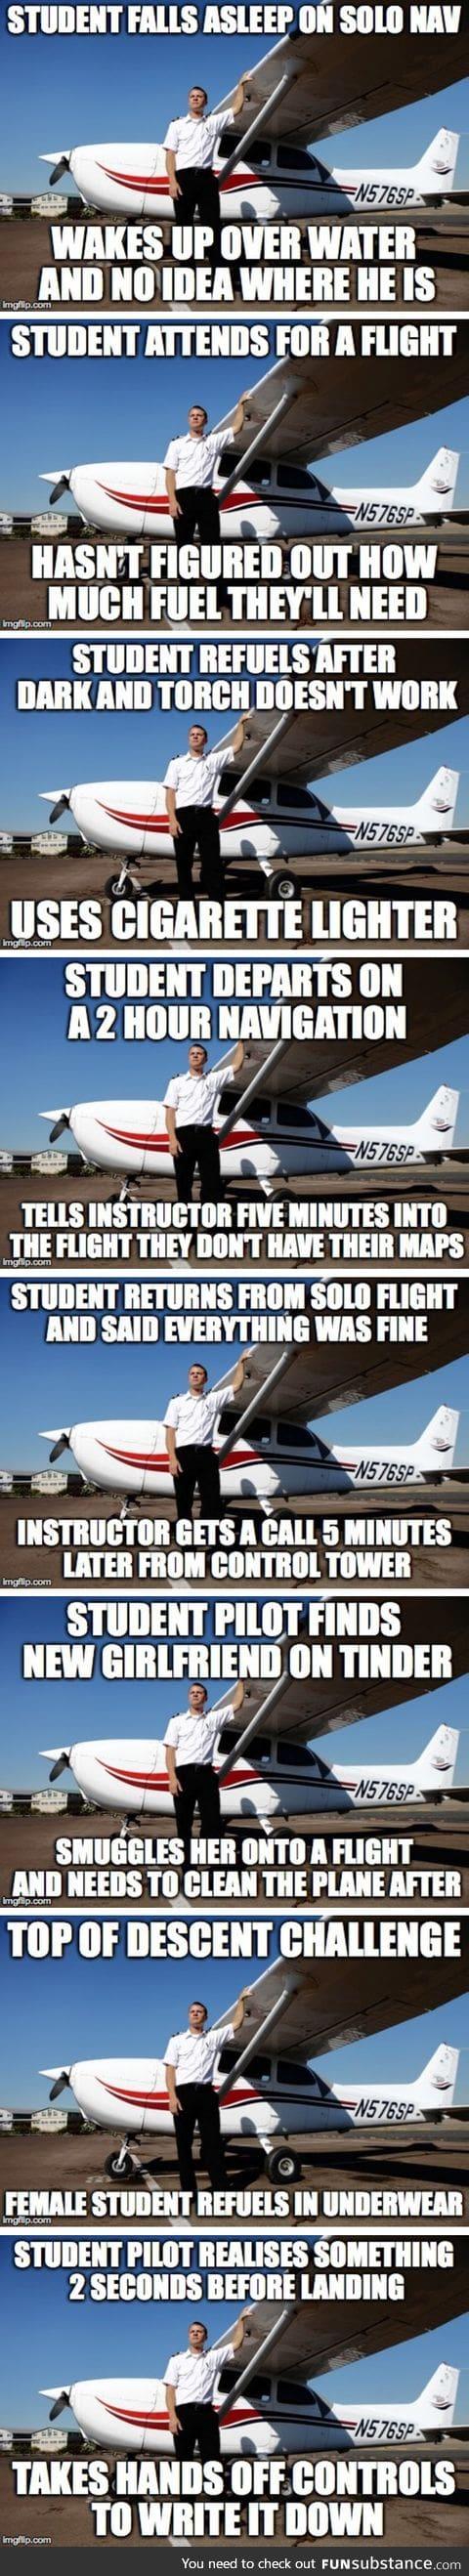 Flight instructor stories